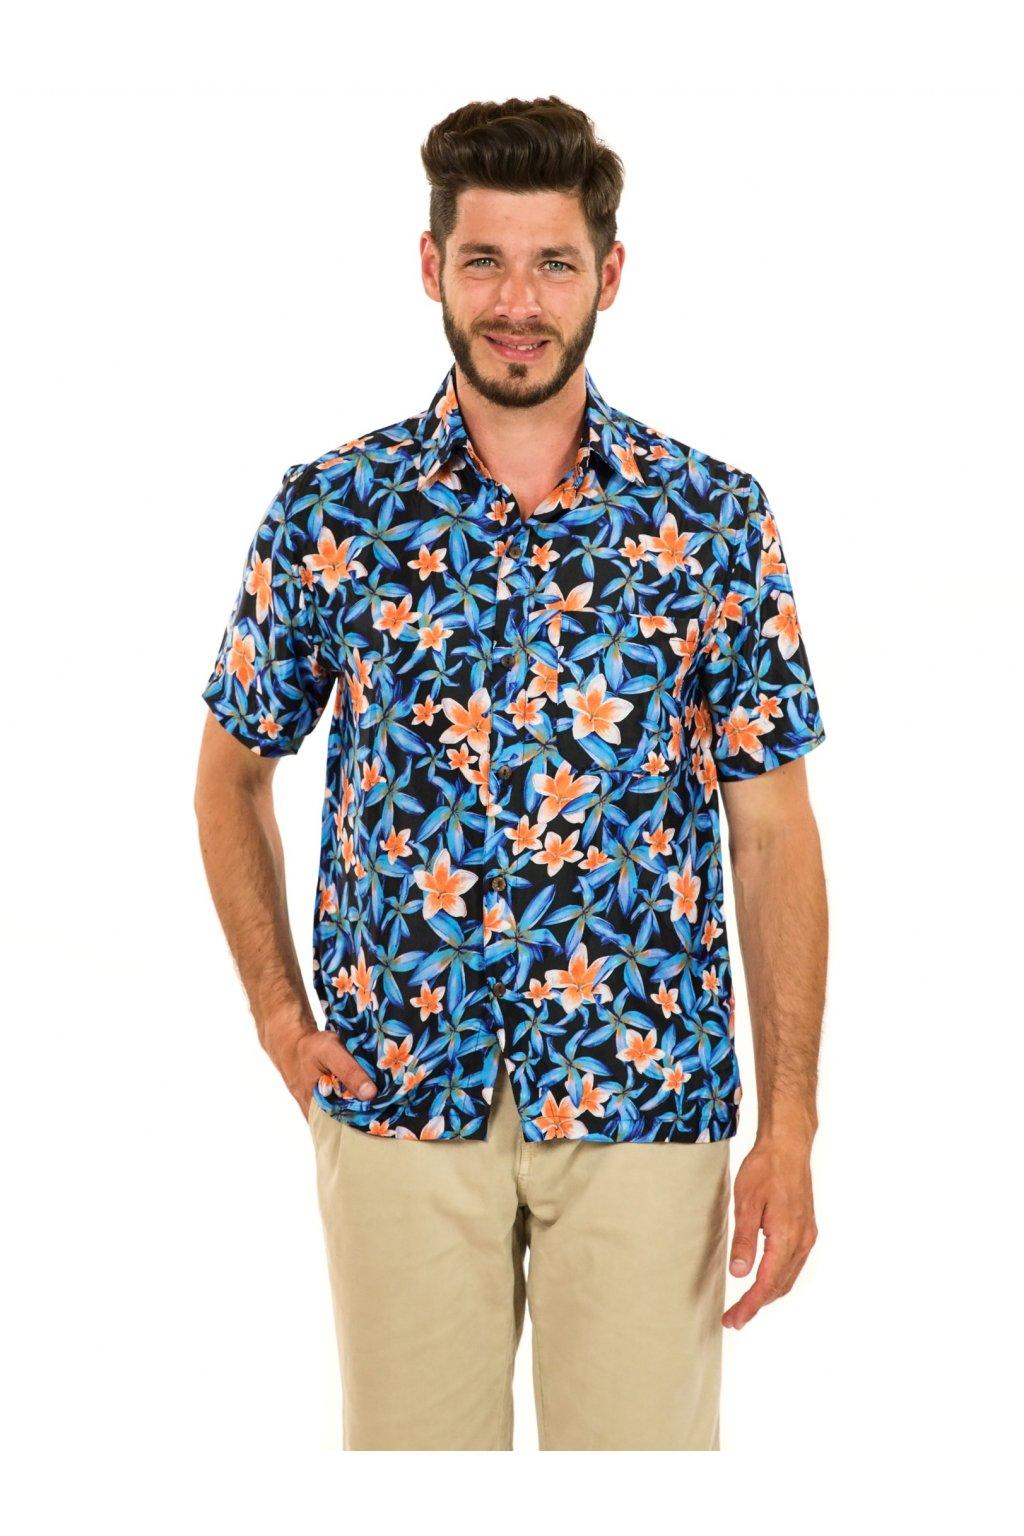 Pánská košile Plumeria - tyrkysová s oranžovou